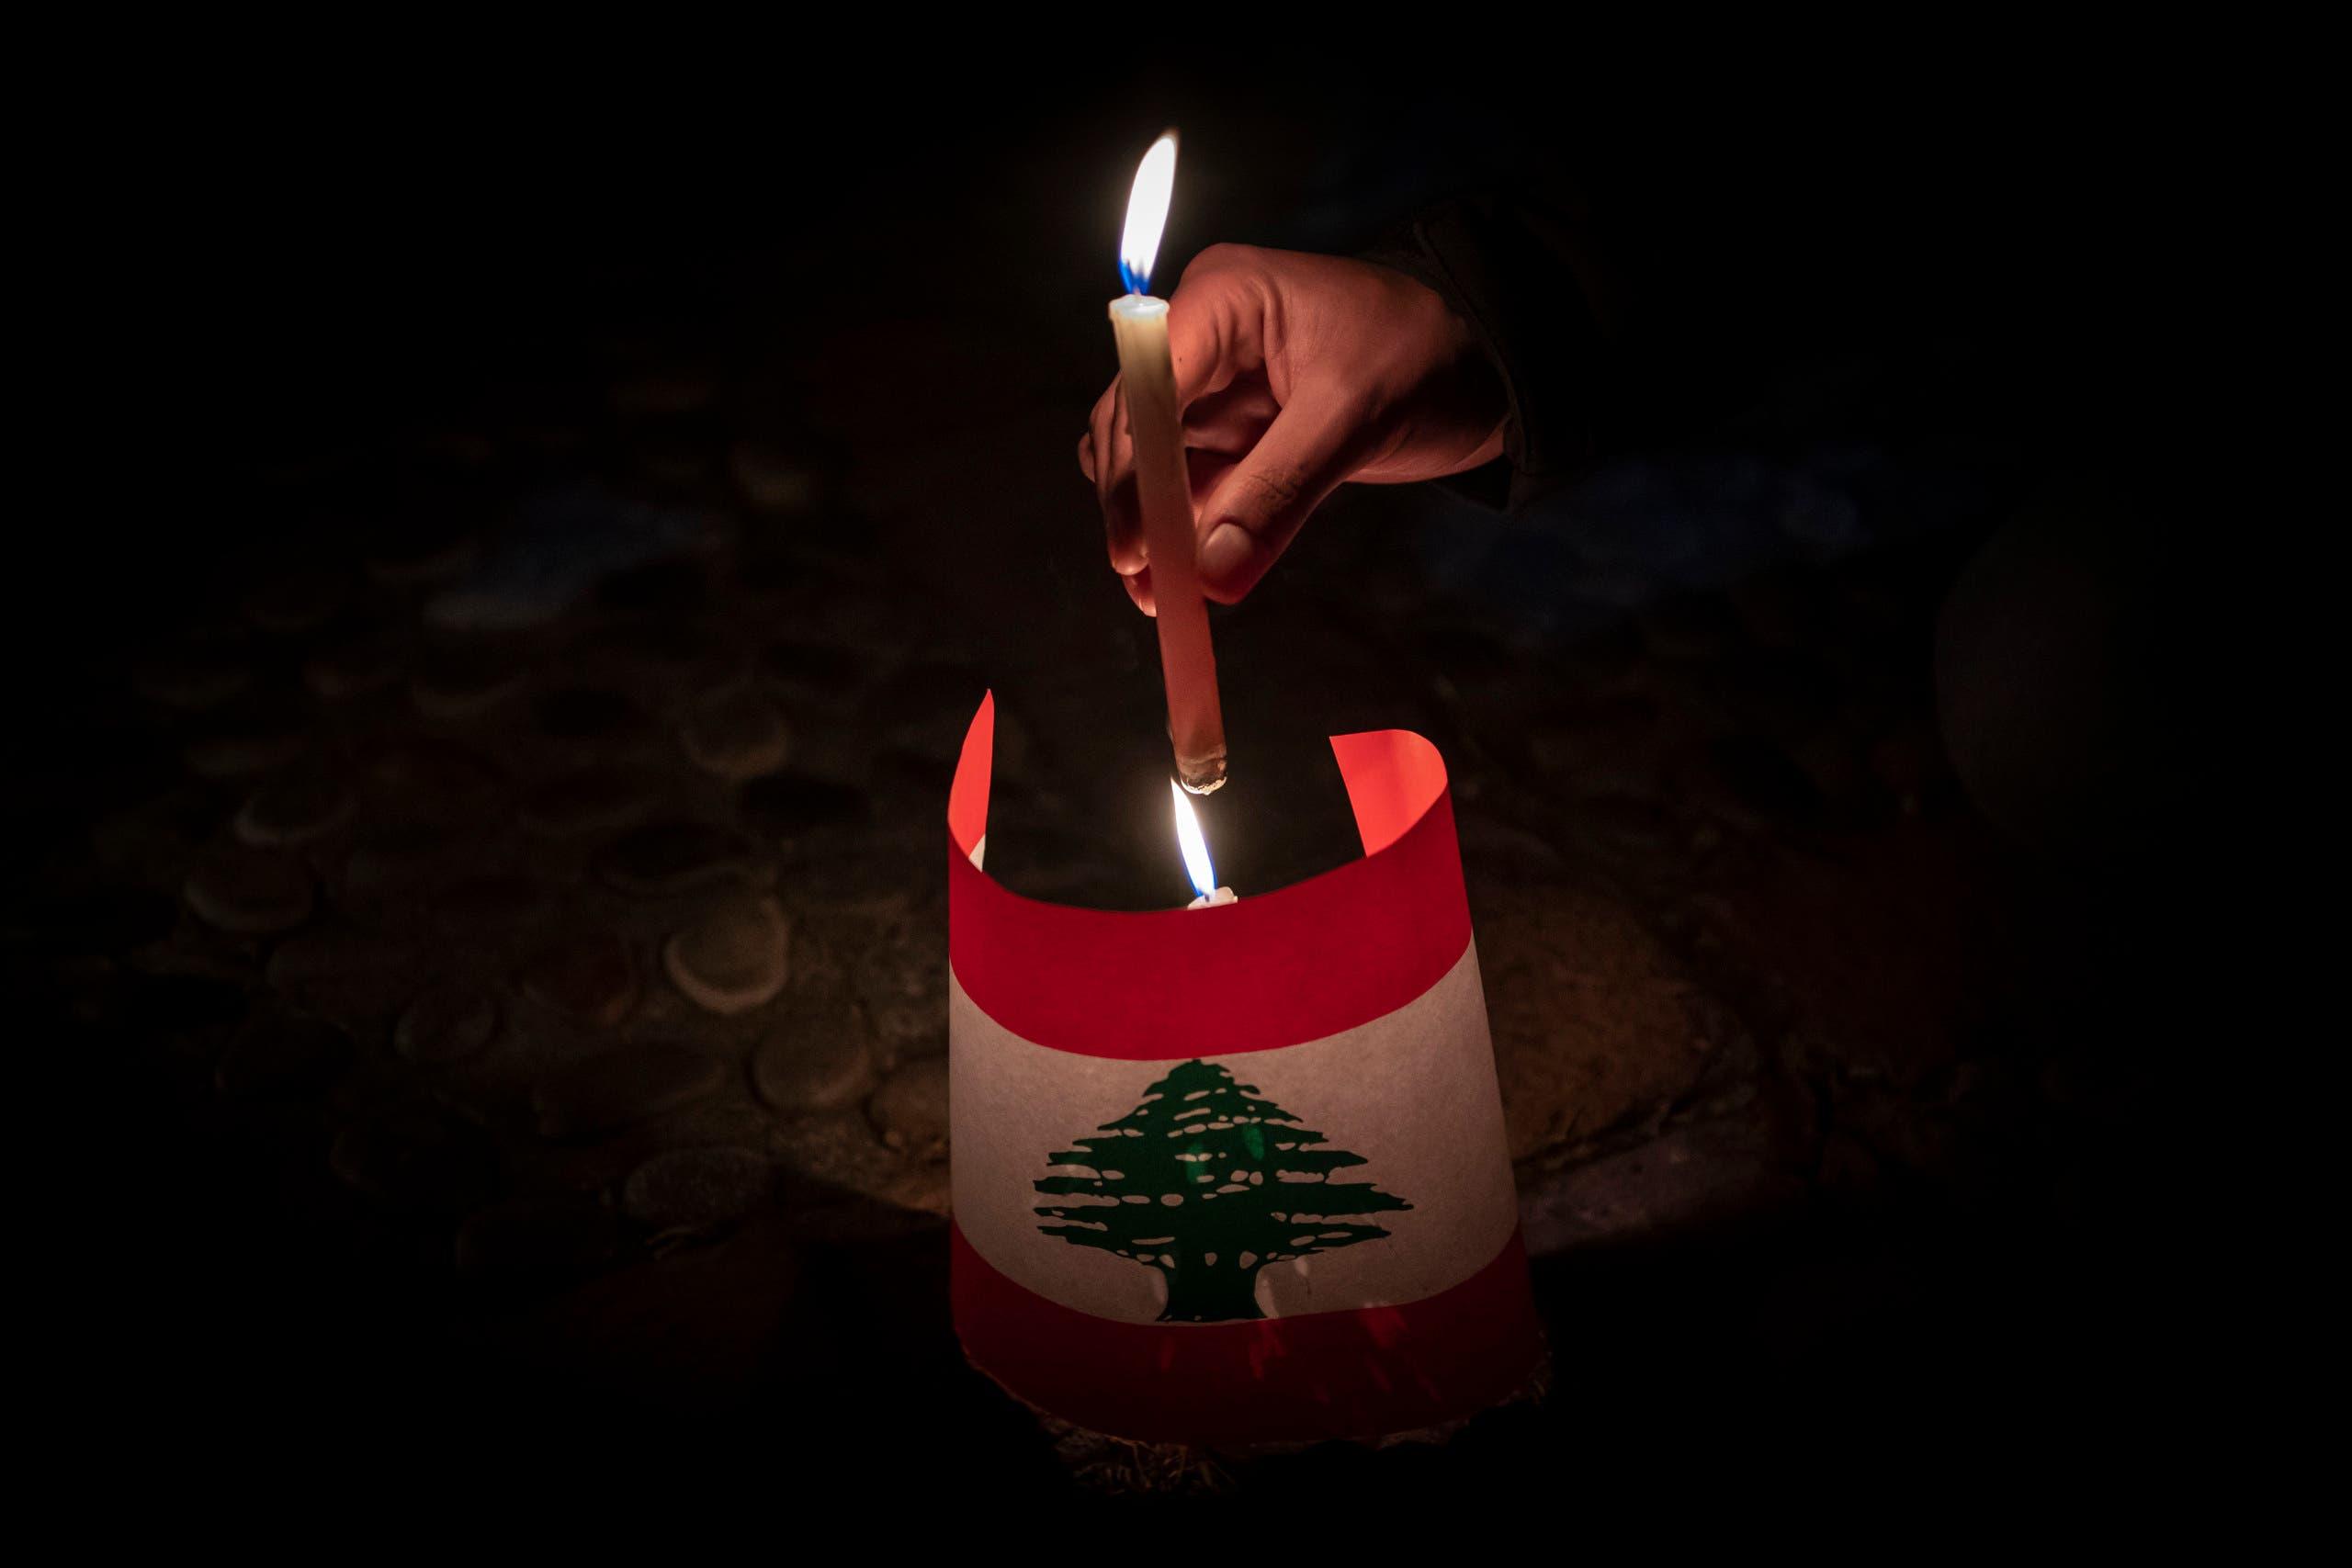 لبنان (فرانس برس)